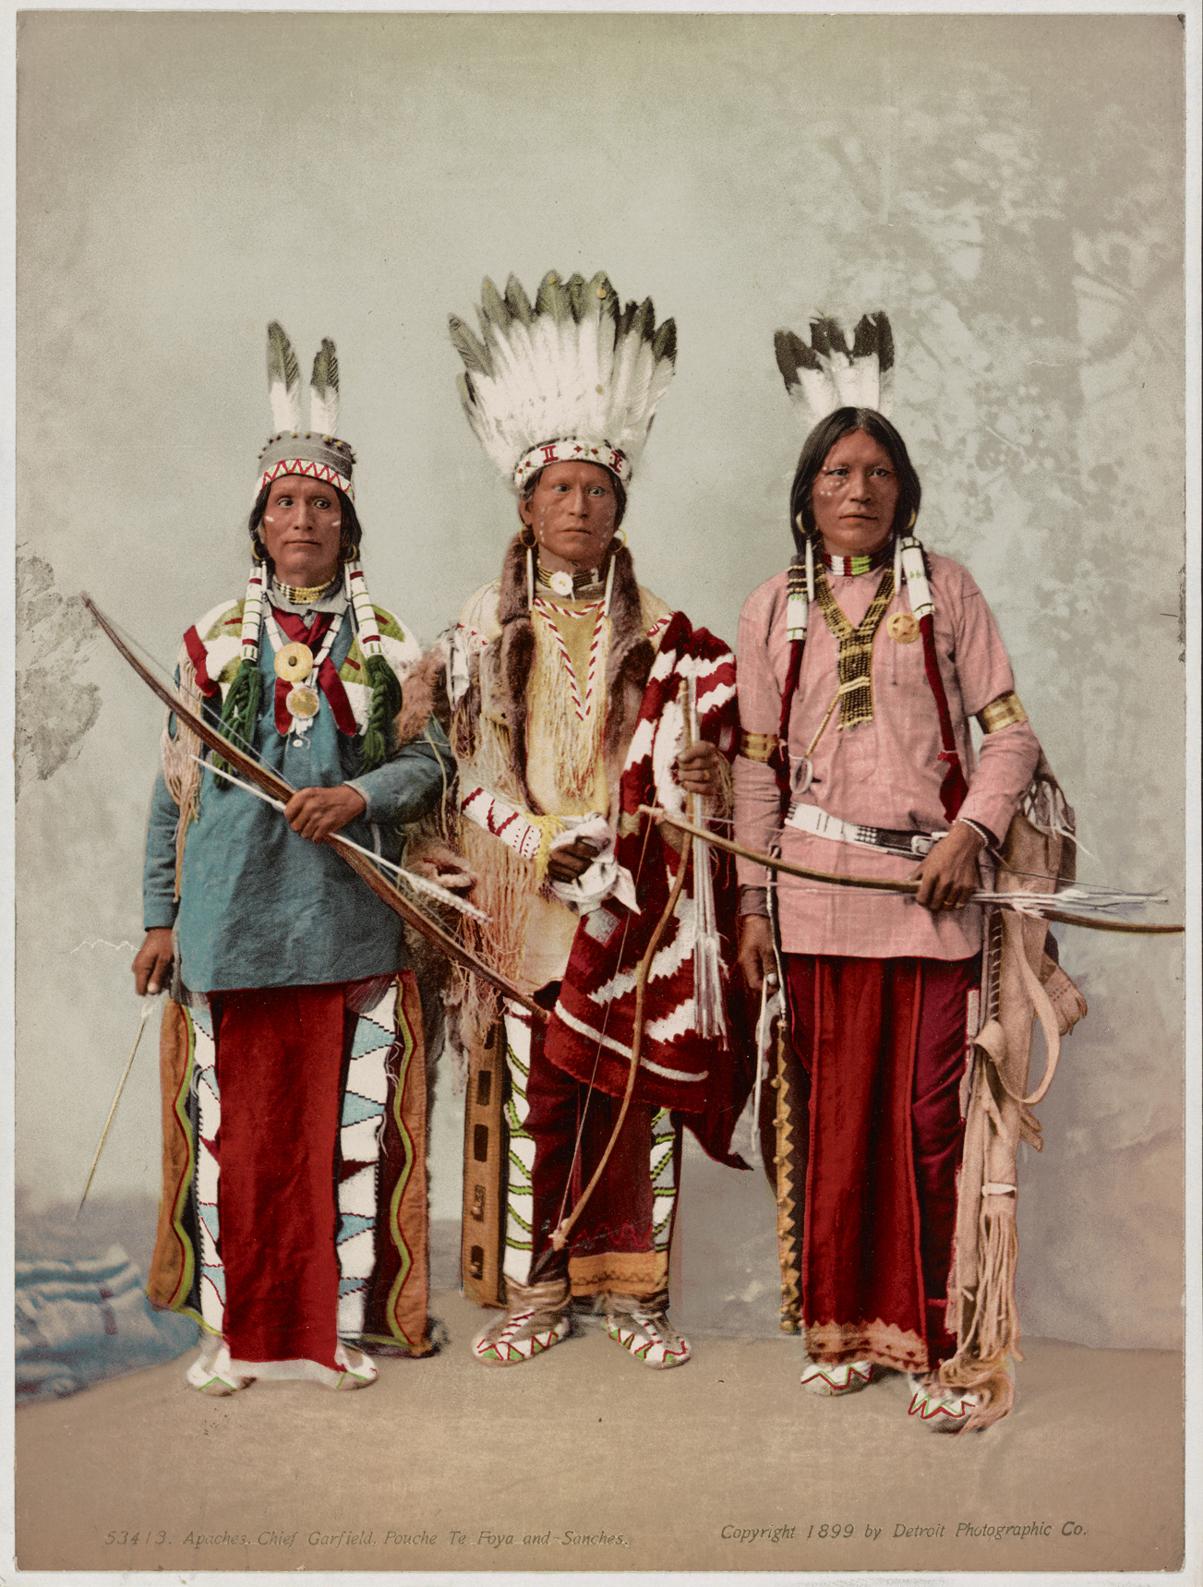 3 Apaches